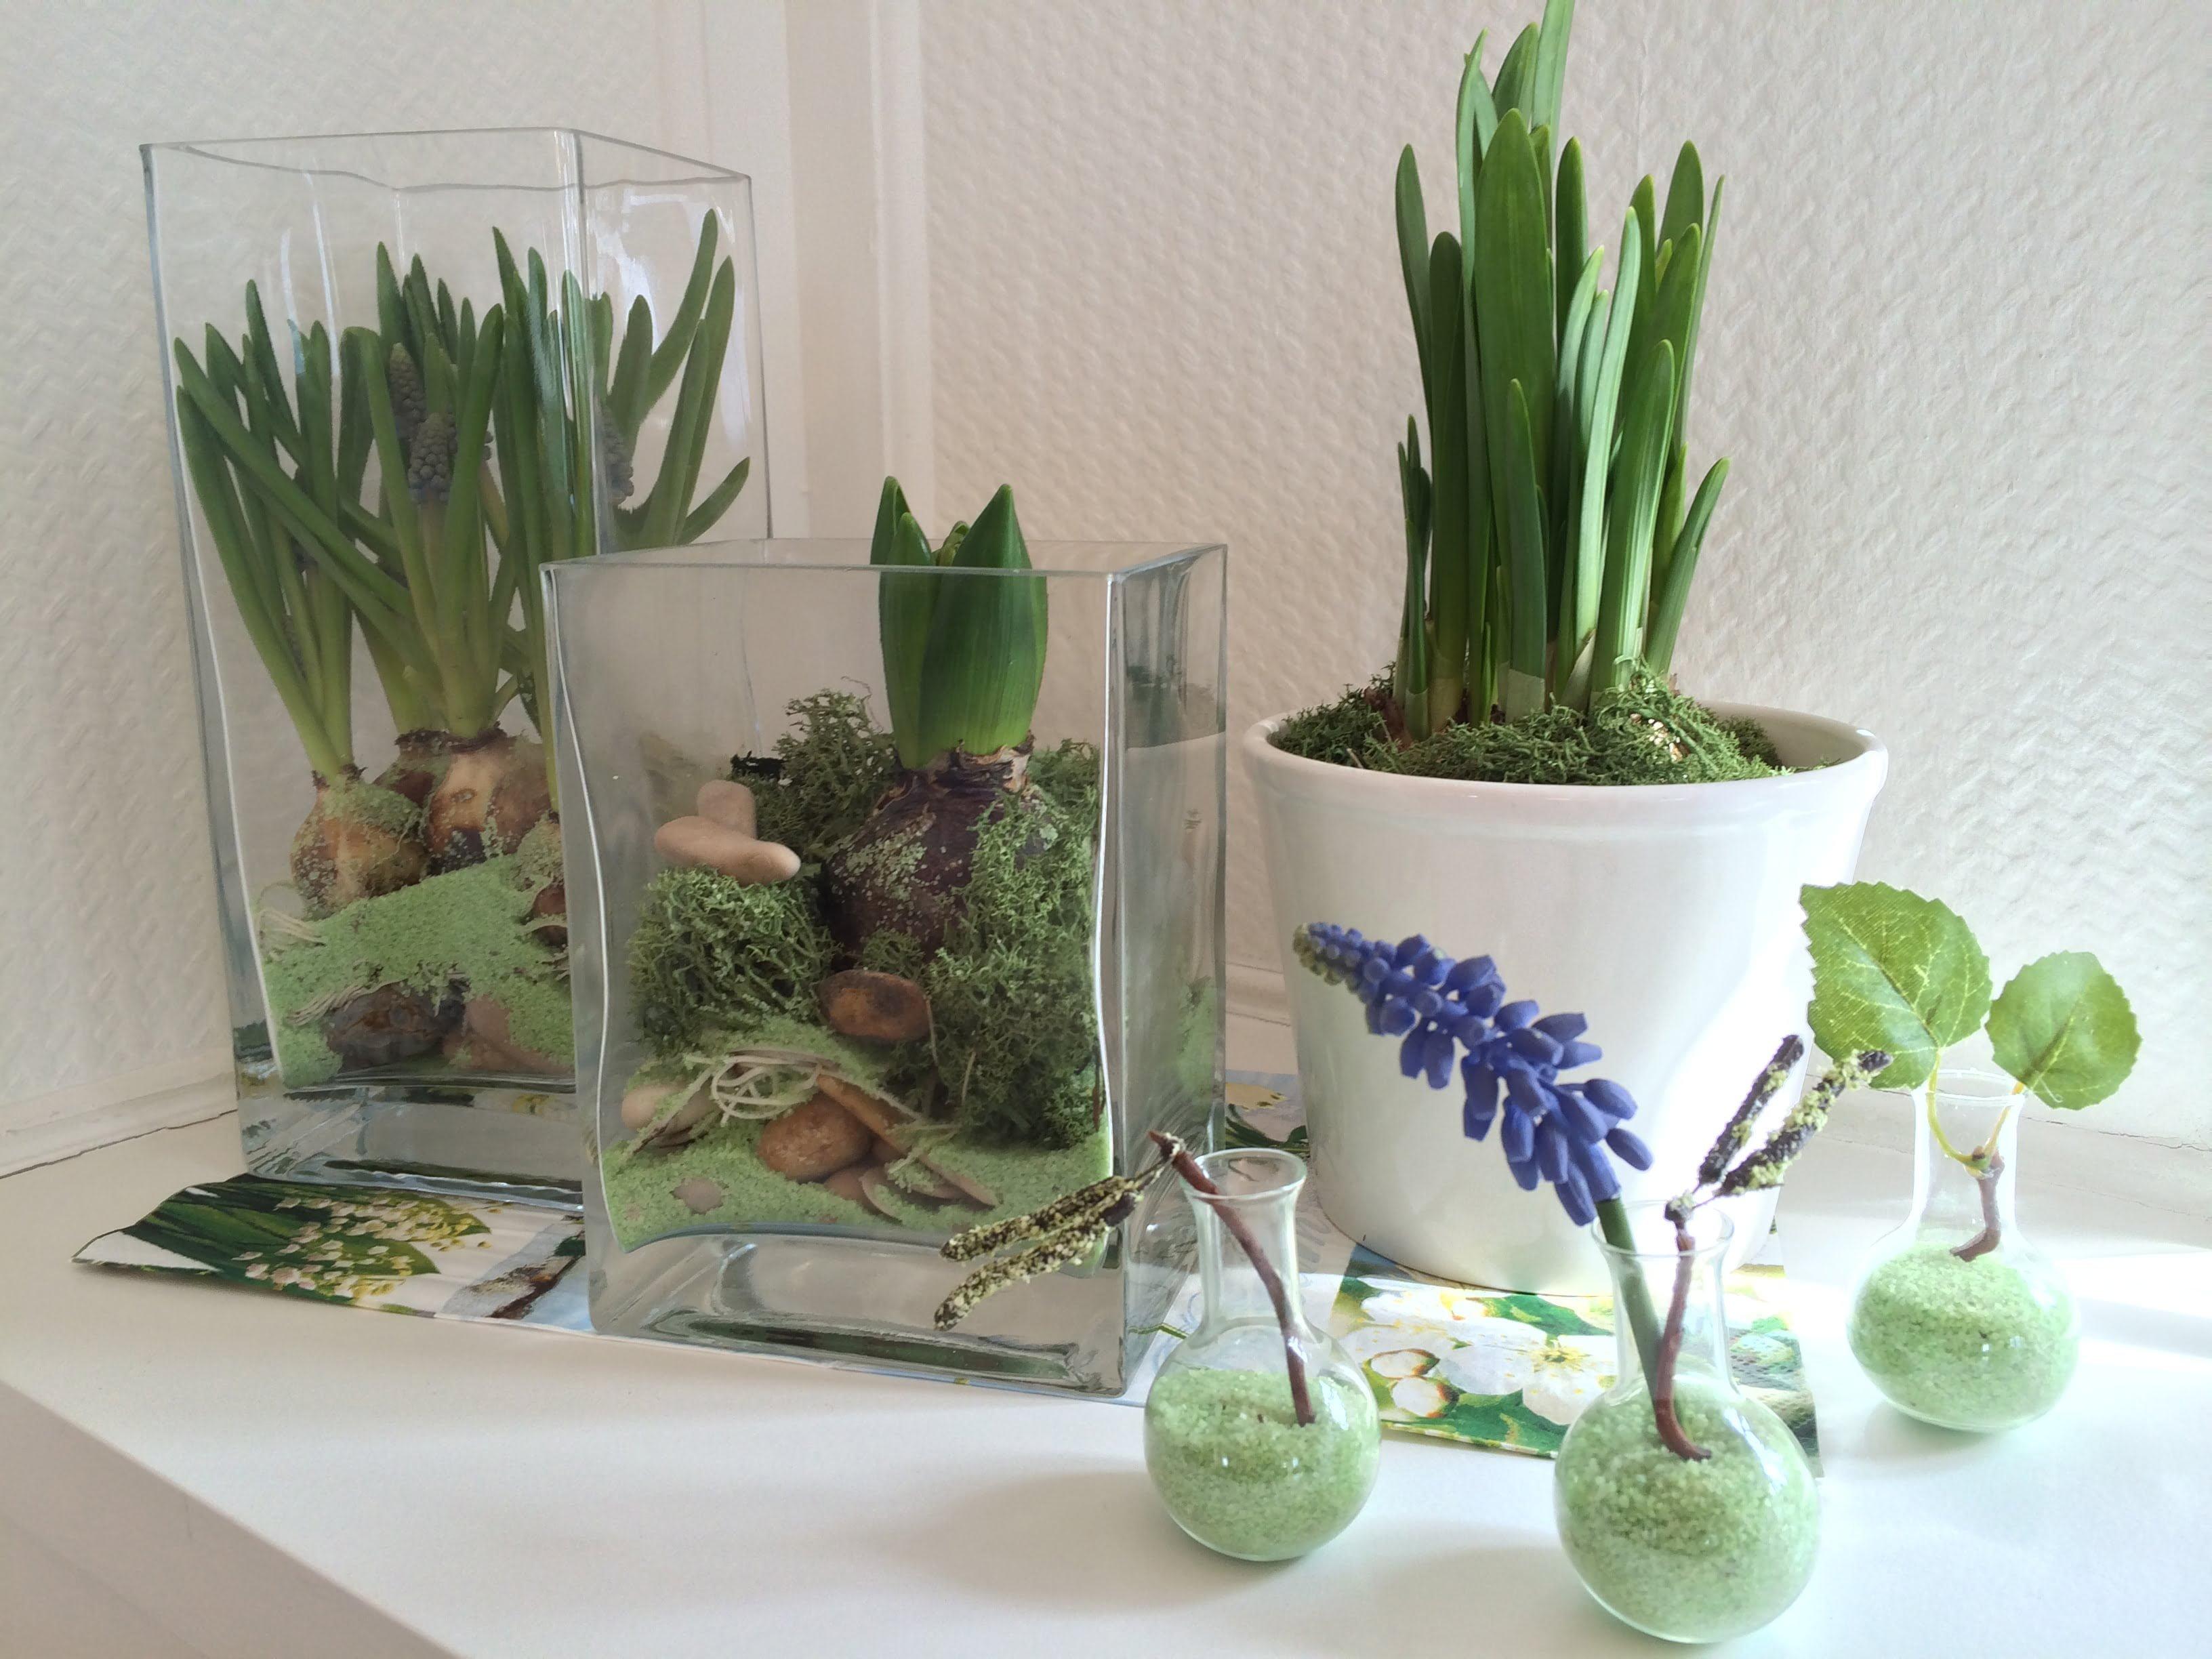 biologiestunde in der stube blumenzwiebeln im glas die angelones der ehrliche und n tzliche. Black Bedroom Furniture Sets. Home Design Ideas